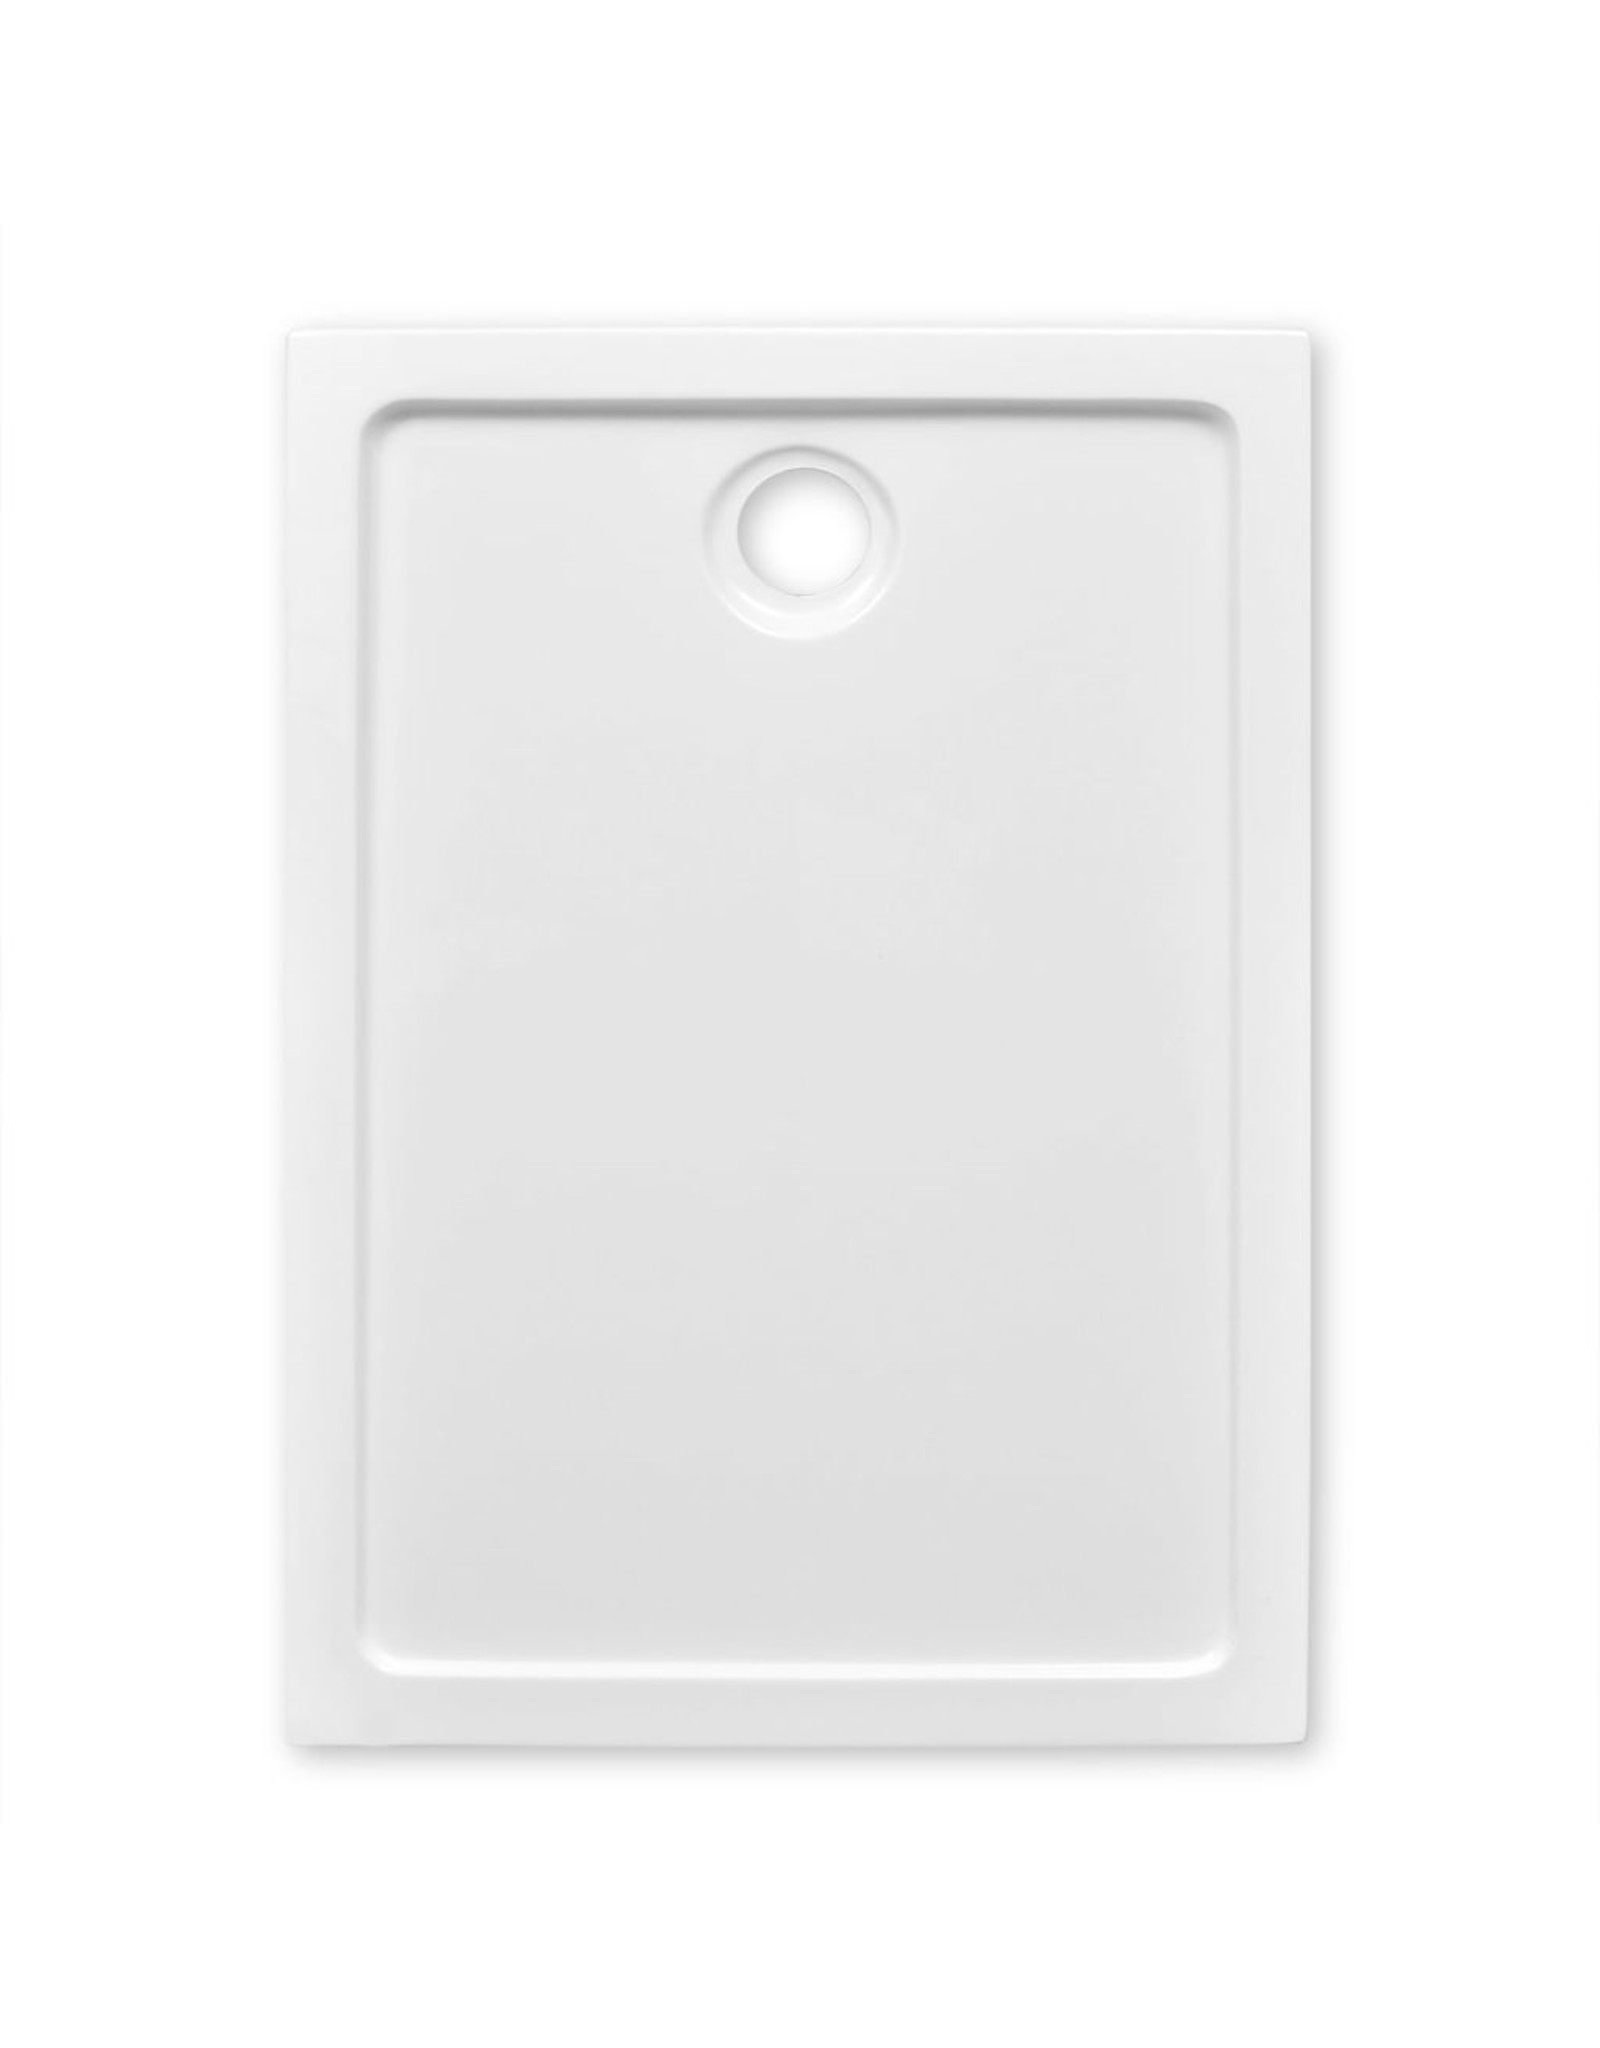 Douchebak rechthoekig 70x100 cm ABS wit